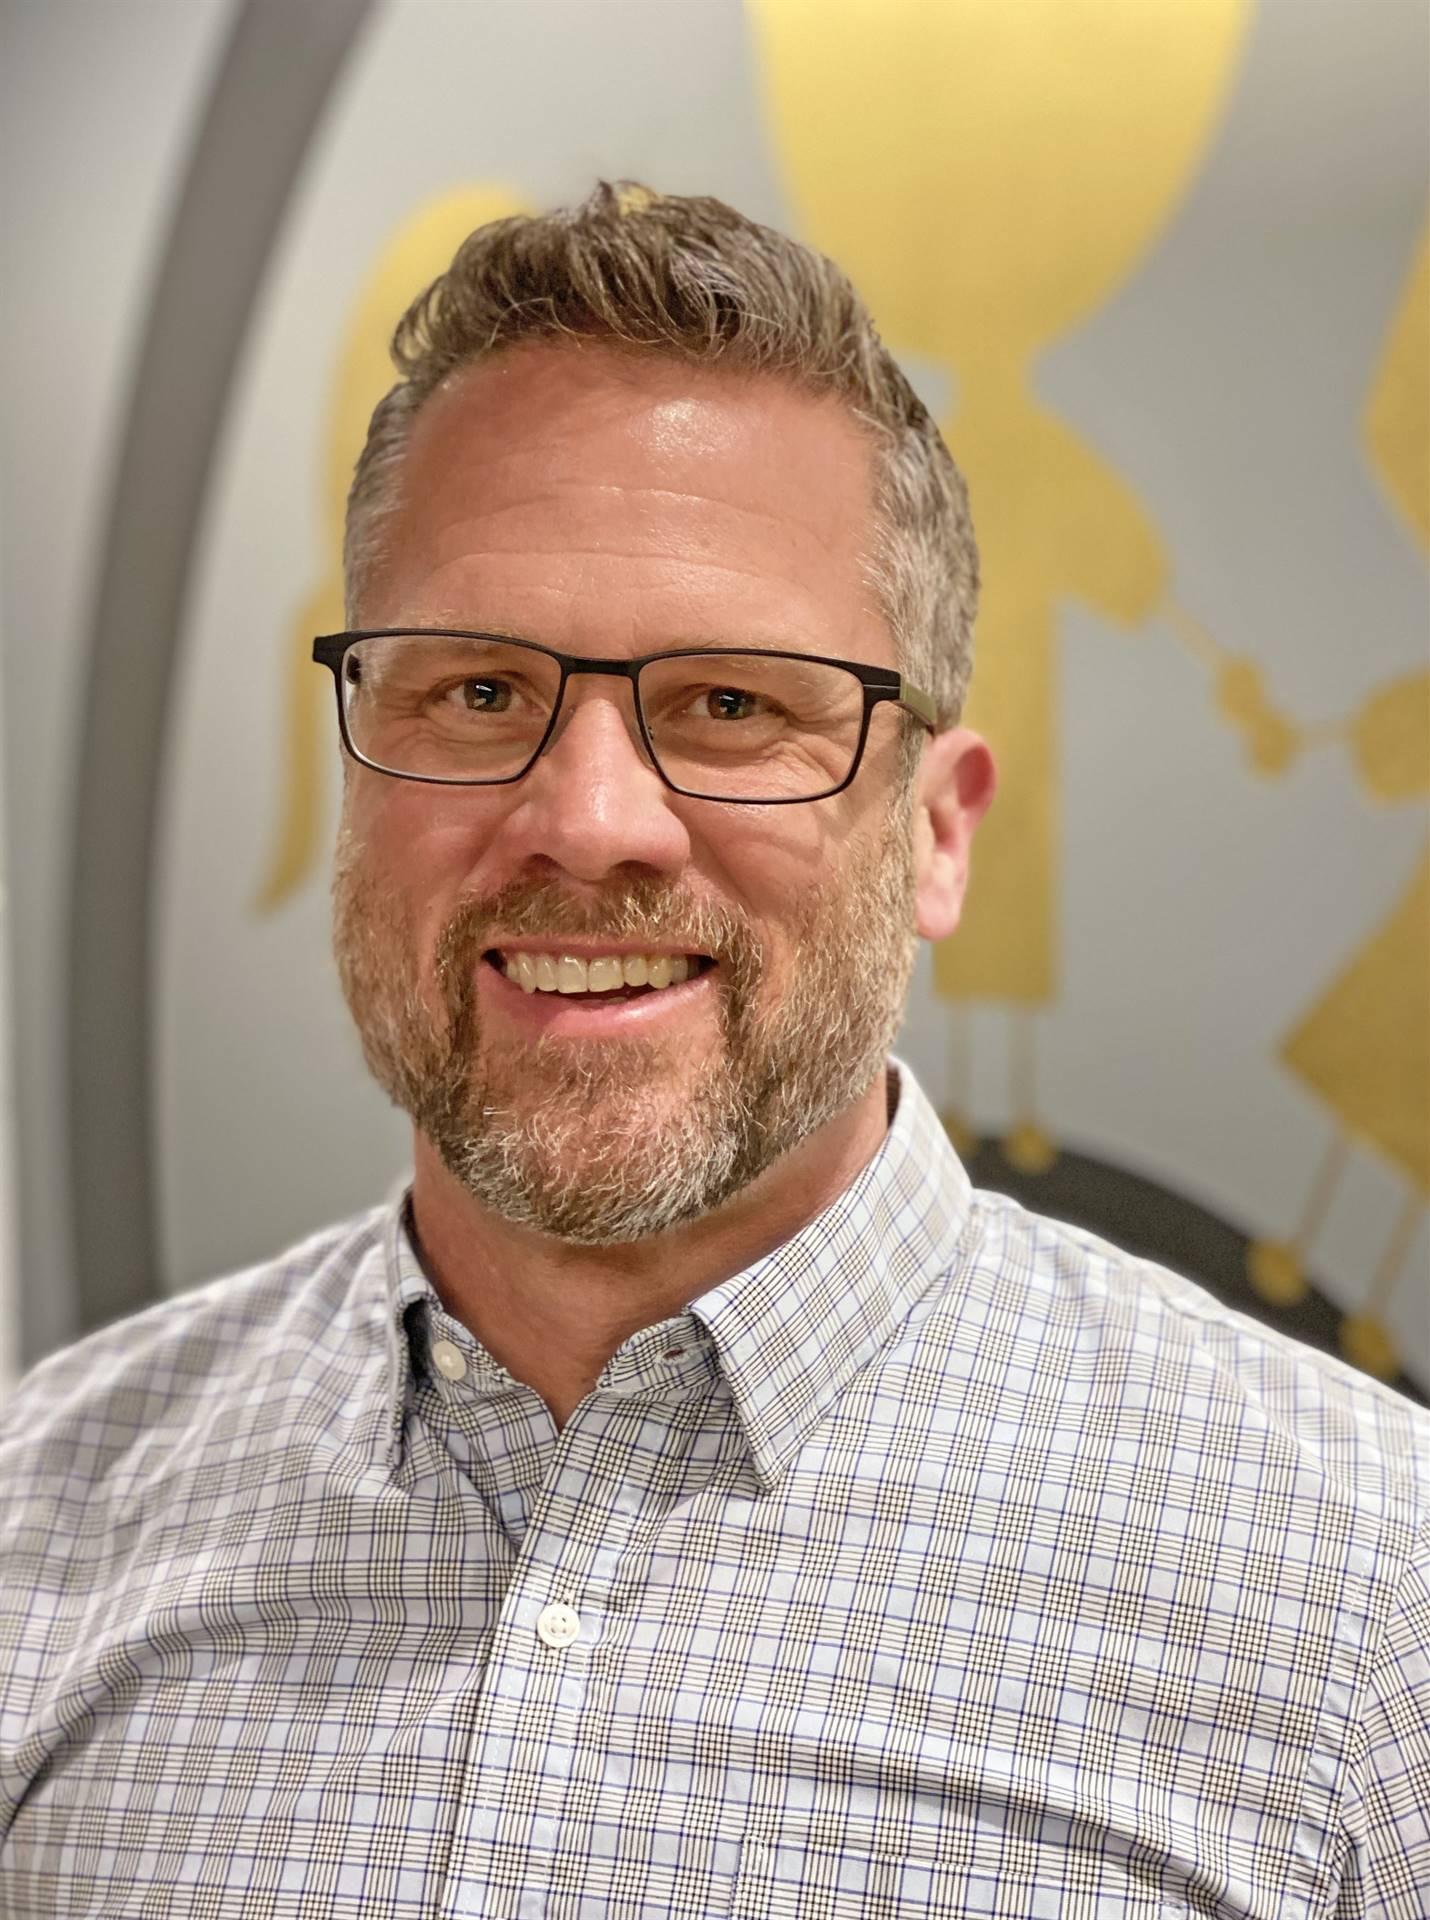 Dave Kondela: Vice President